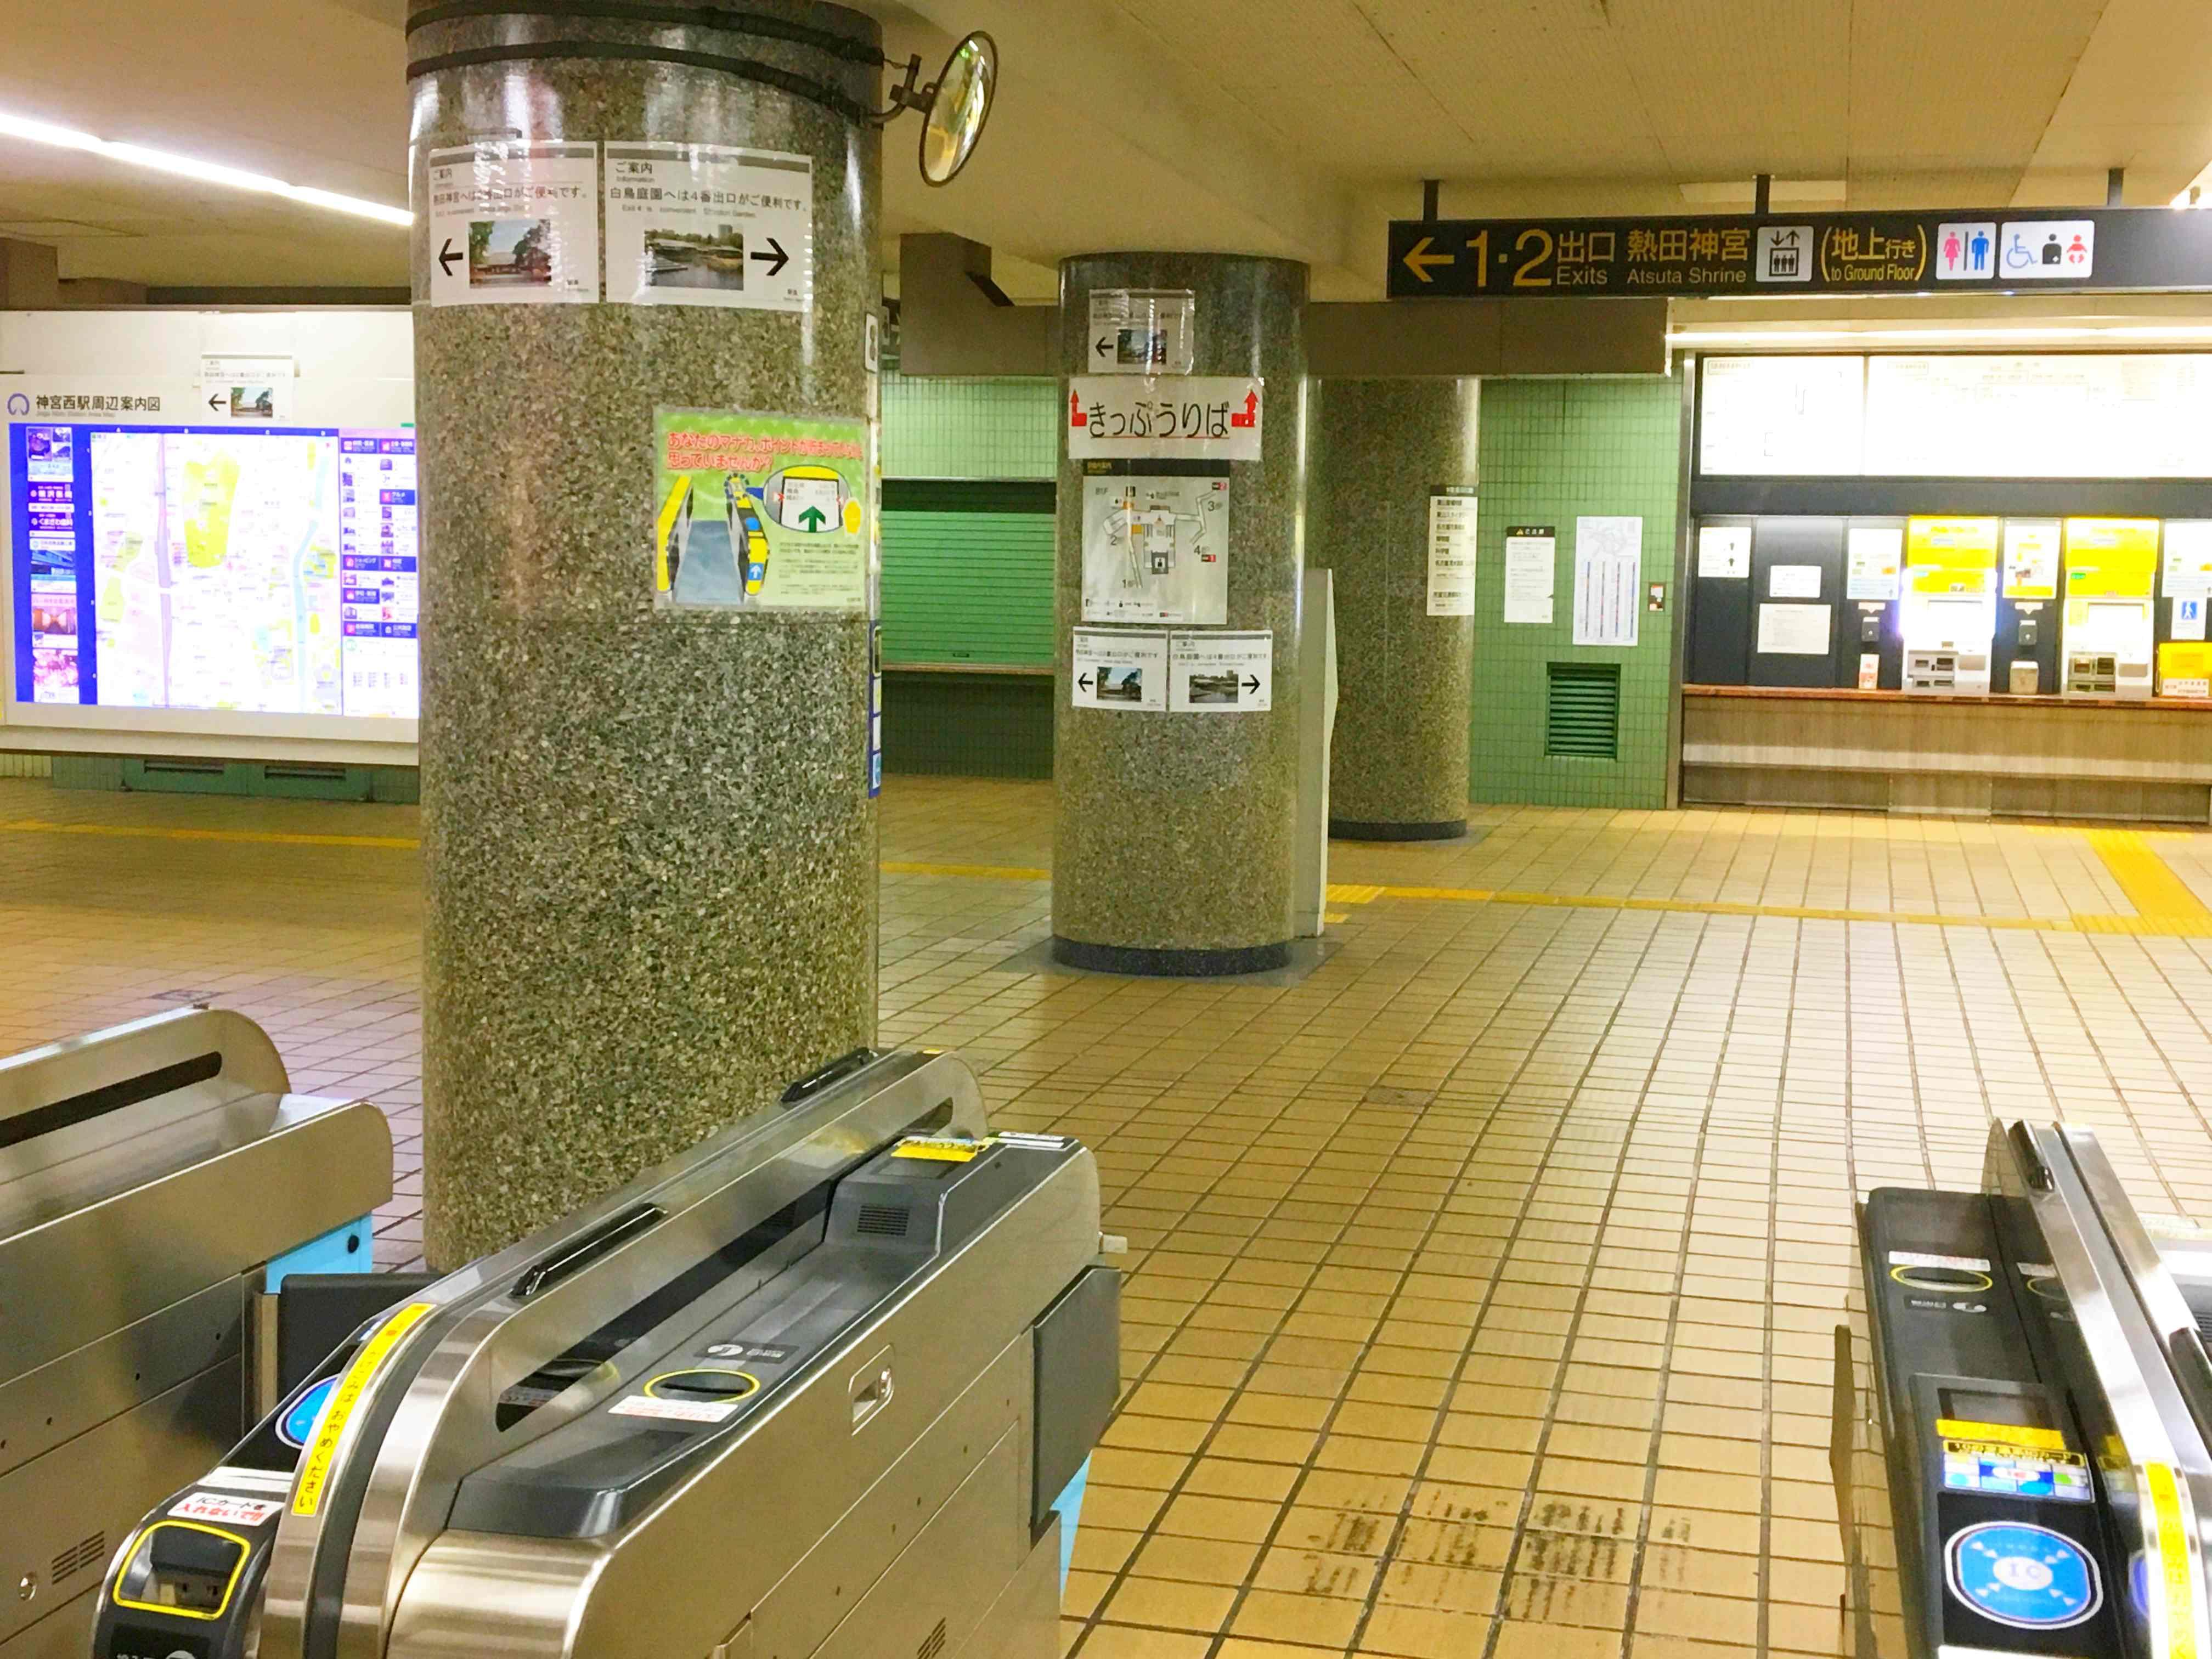 駅のアナウンスを名古屋弁で放送。日本三大美方言の上町言葉を使用 - IMG 1898